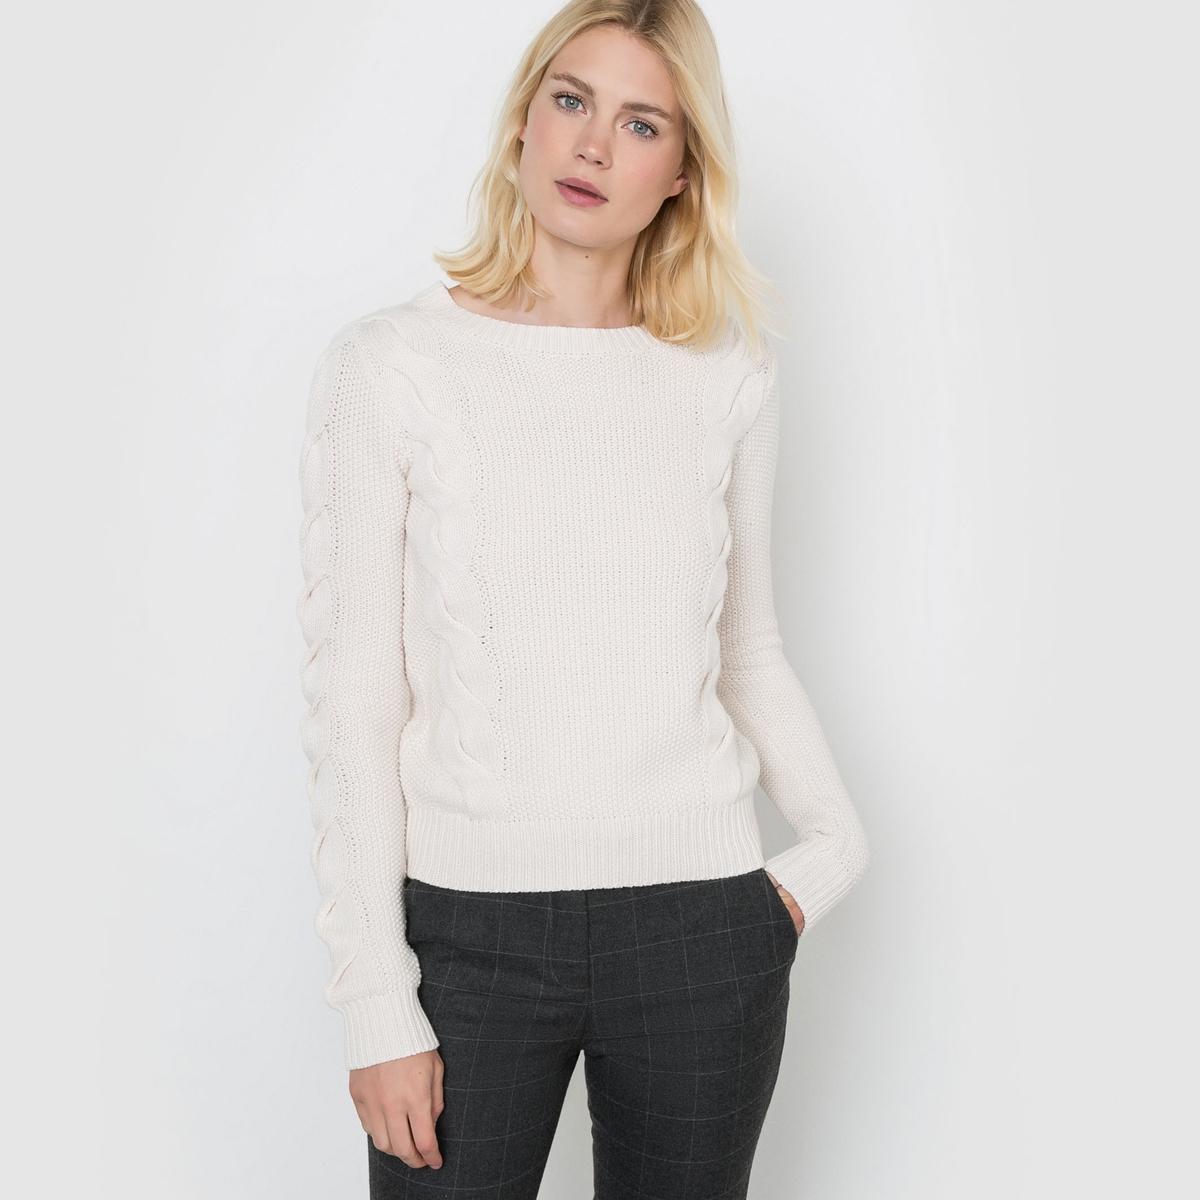 Пуловер с узором косы, длинные рукава